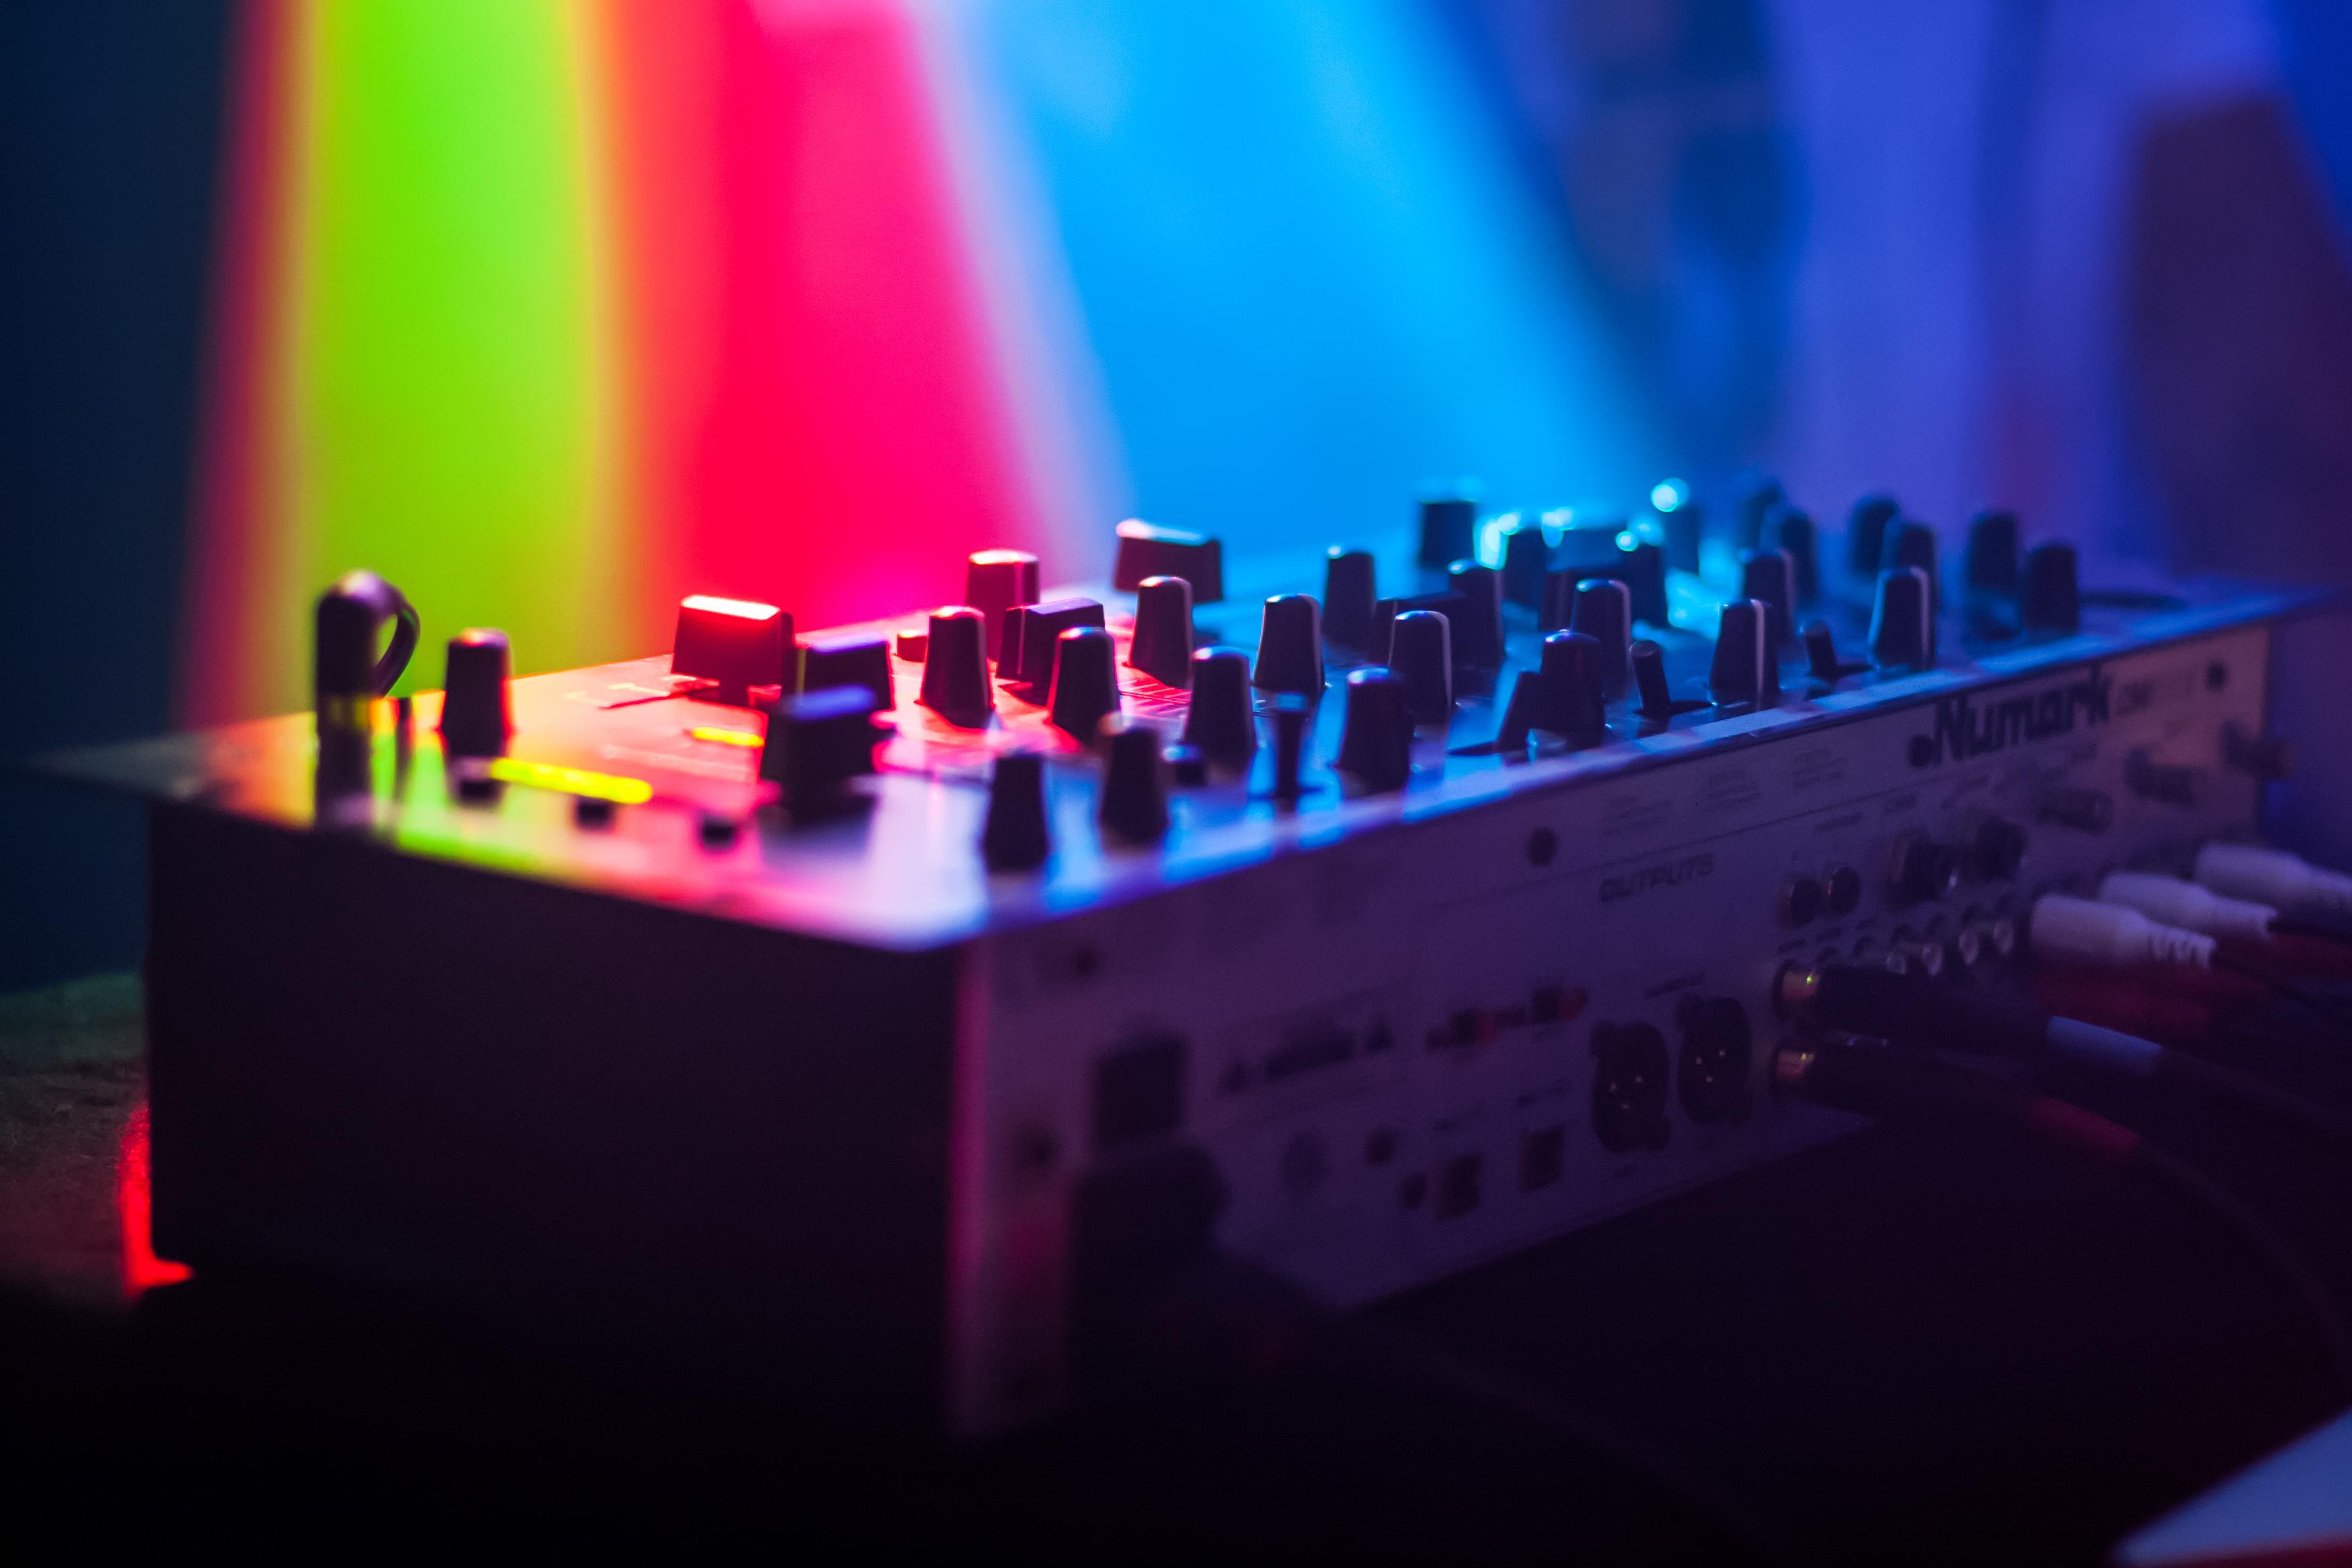 free images music light atmosphere dark dance green red equipment color blue dj. Black Bedroom Furniture Sets. Home Design Ideas